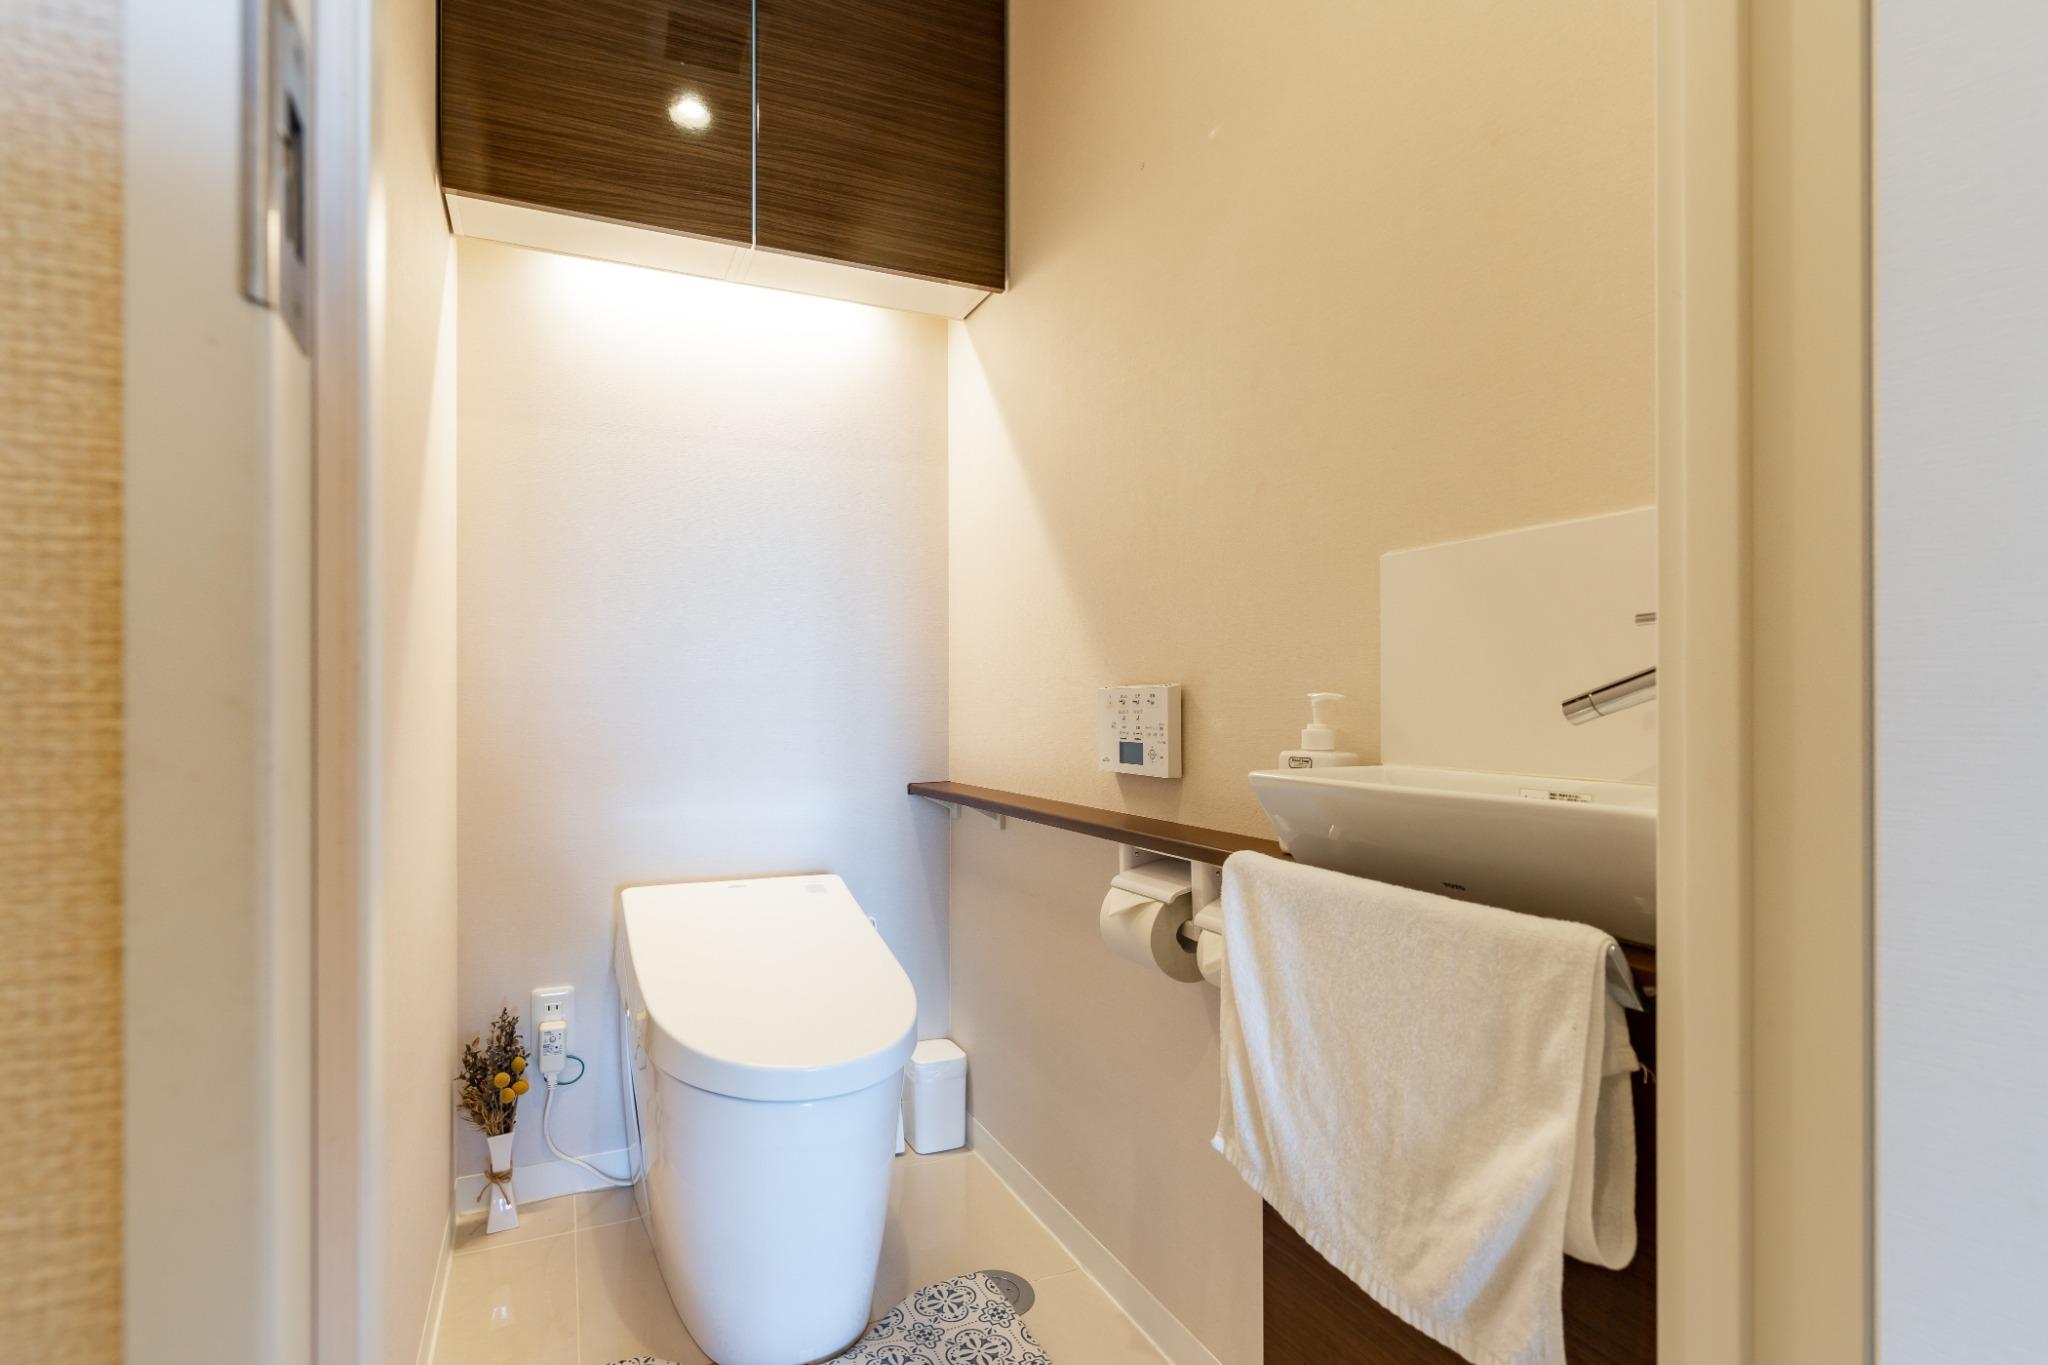 全自動洗浄機付きトイレ完備